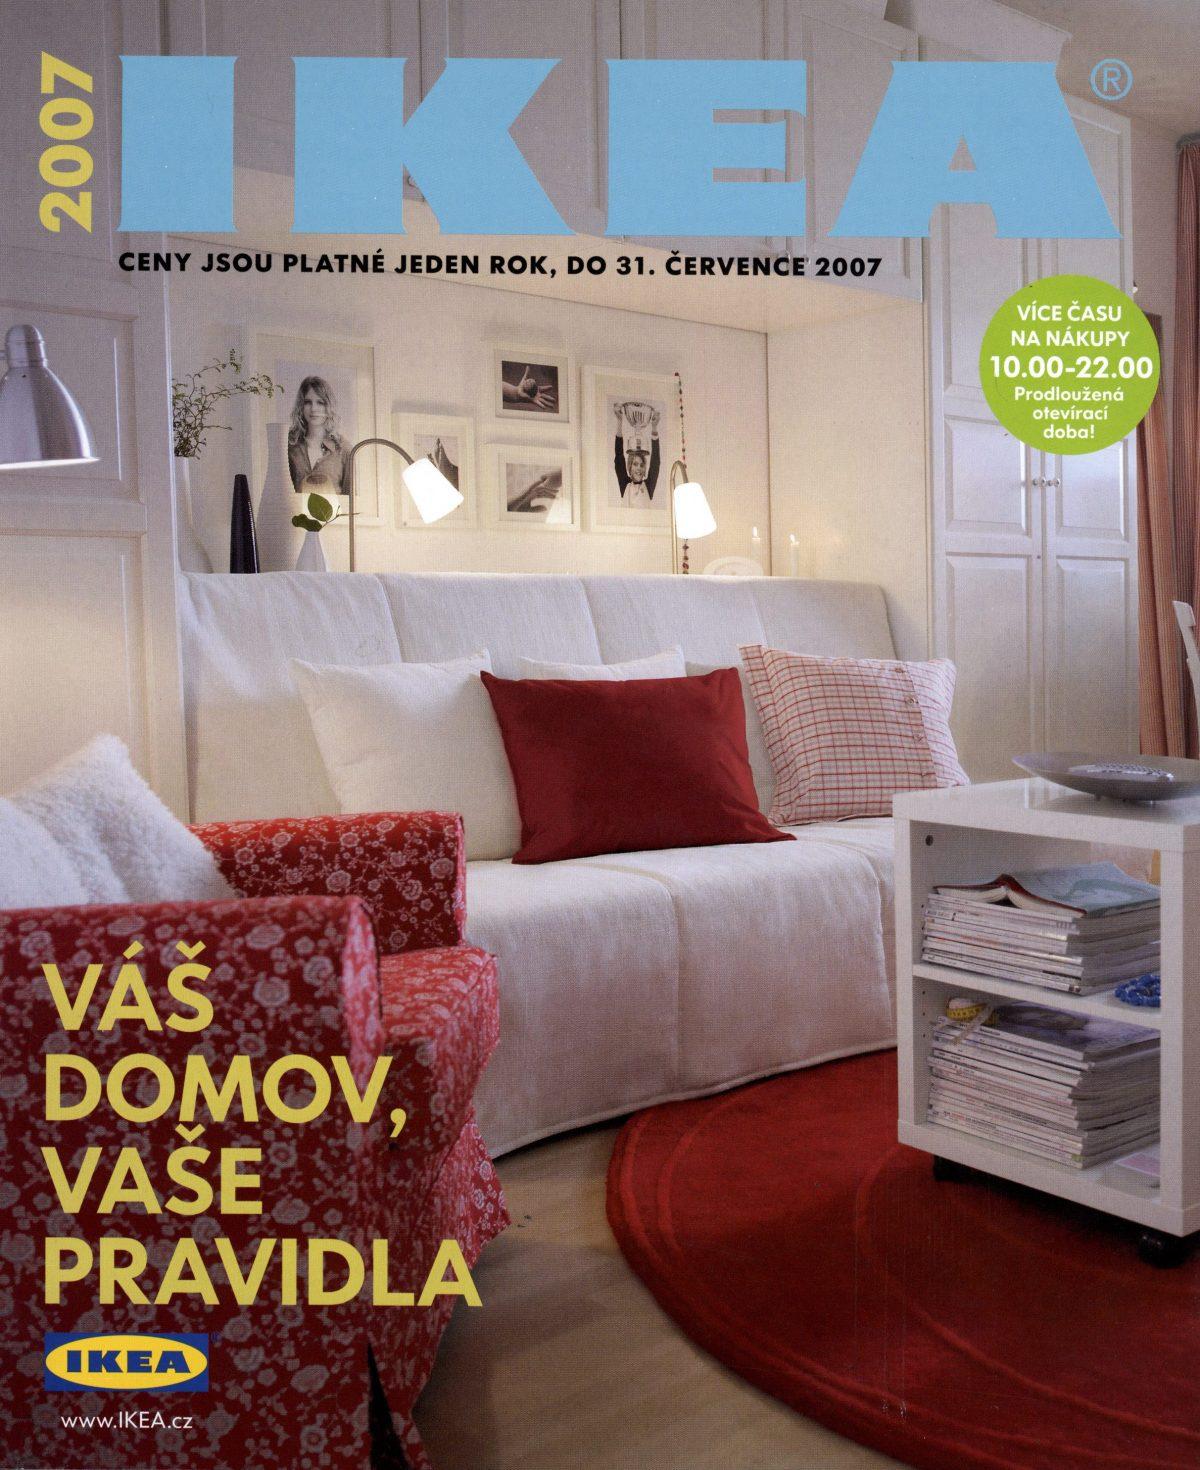 Vydání českého katalogu pro rok 2007